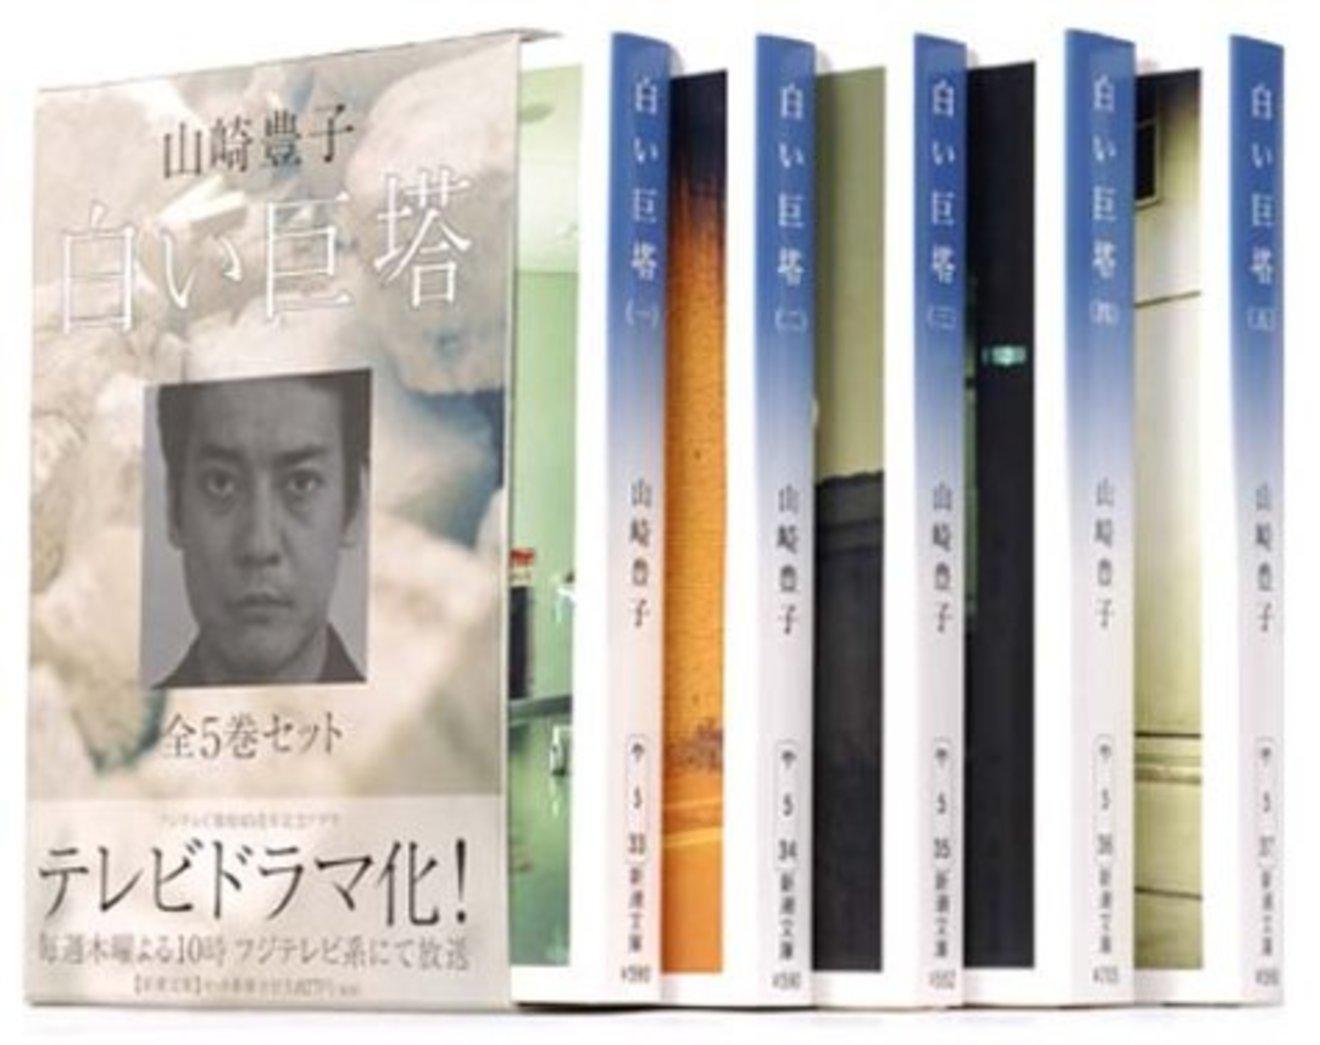 小説『白い巨塔』あらすじなどをネタバレ解説!財前にはモデルがいた!?